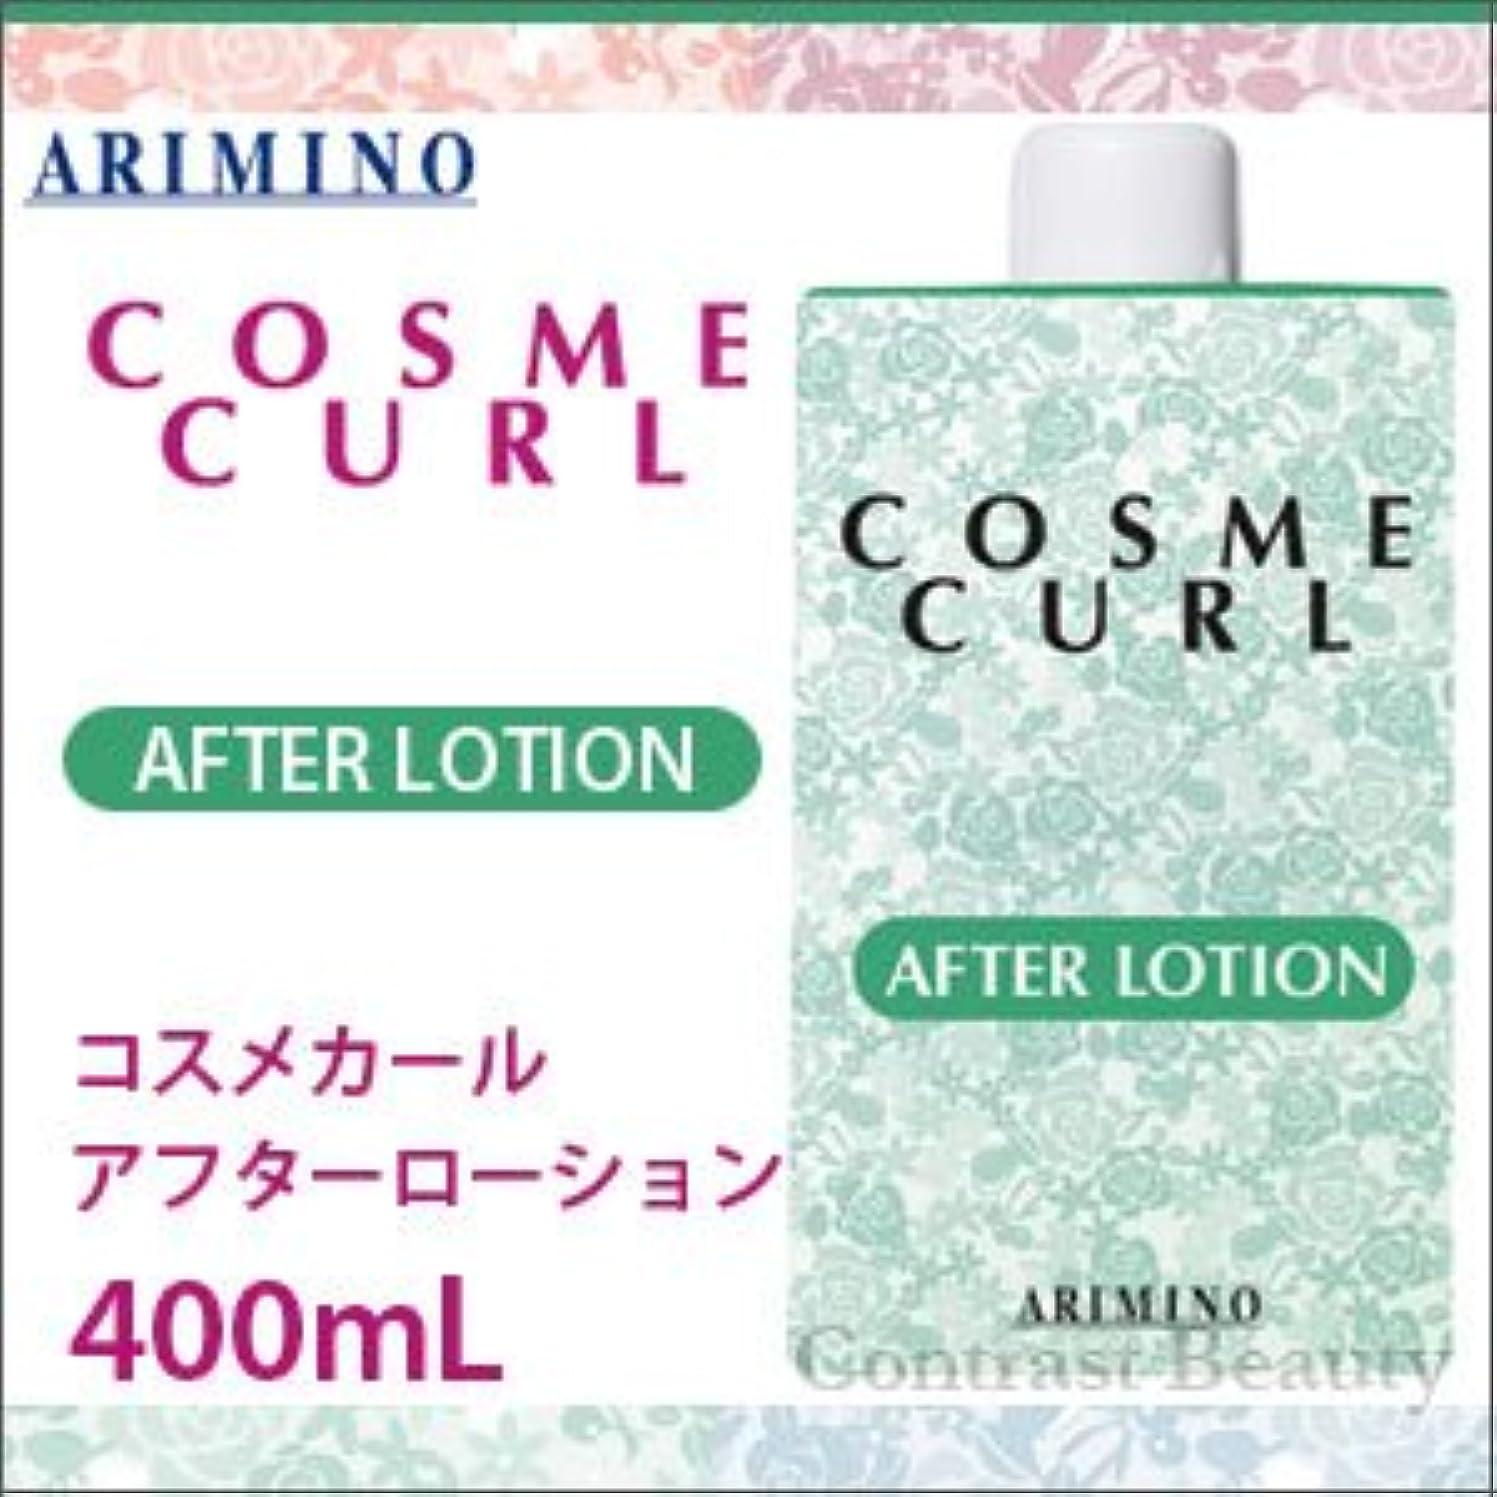 【x5個セット】 アリミノ コスメカール アフターローション 400ml